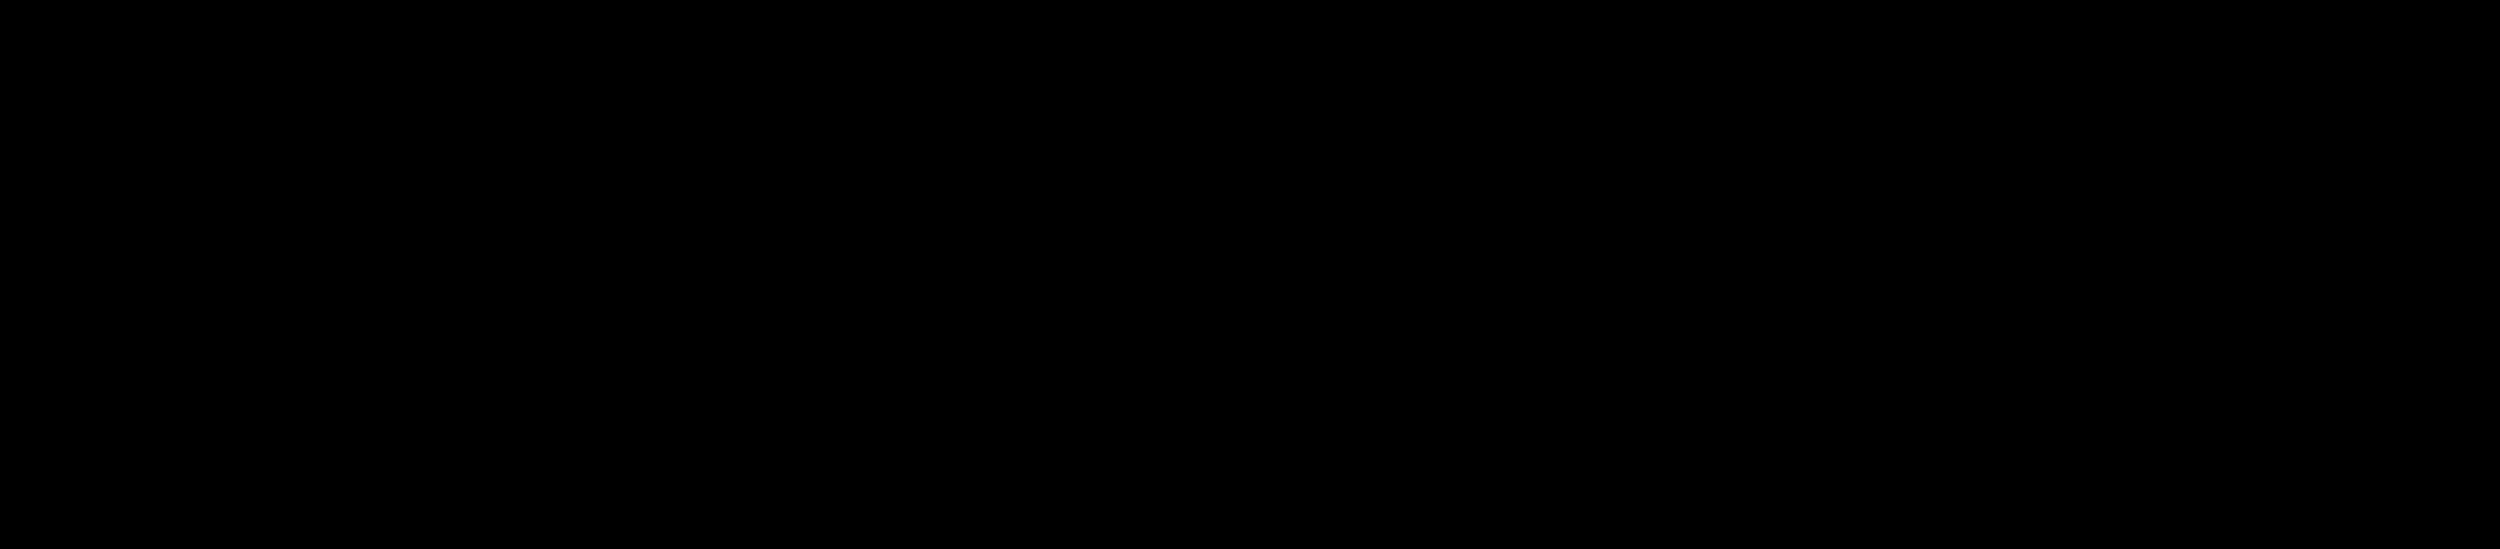 Vonage Contact Center logo